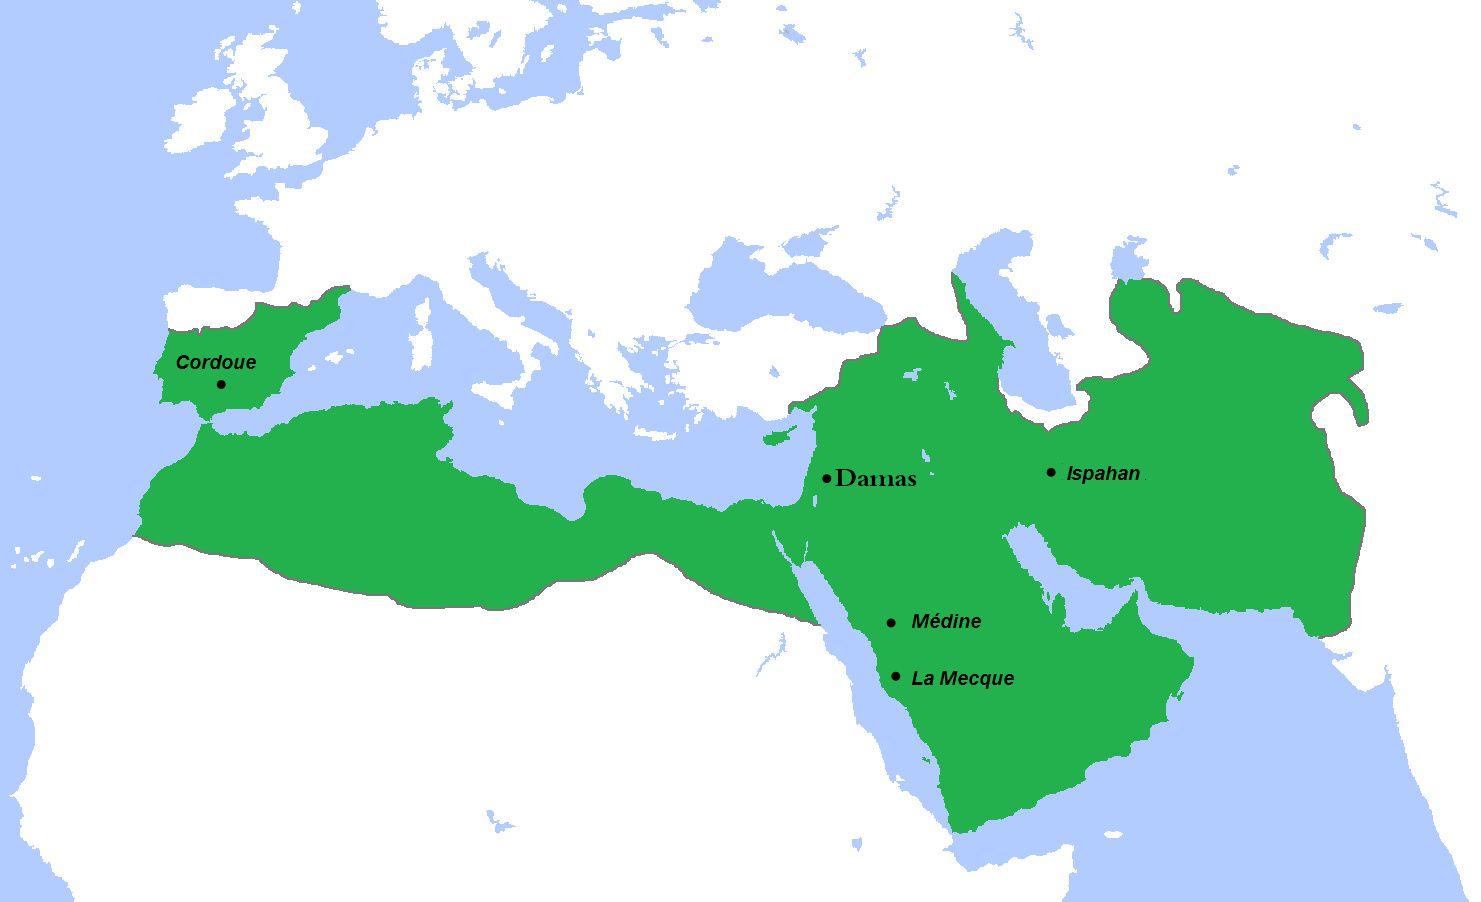 Le califat ommeyade à son apogée.